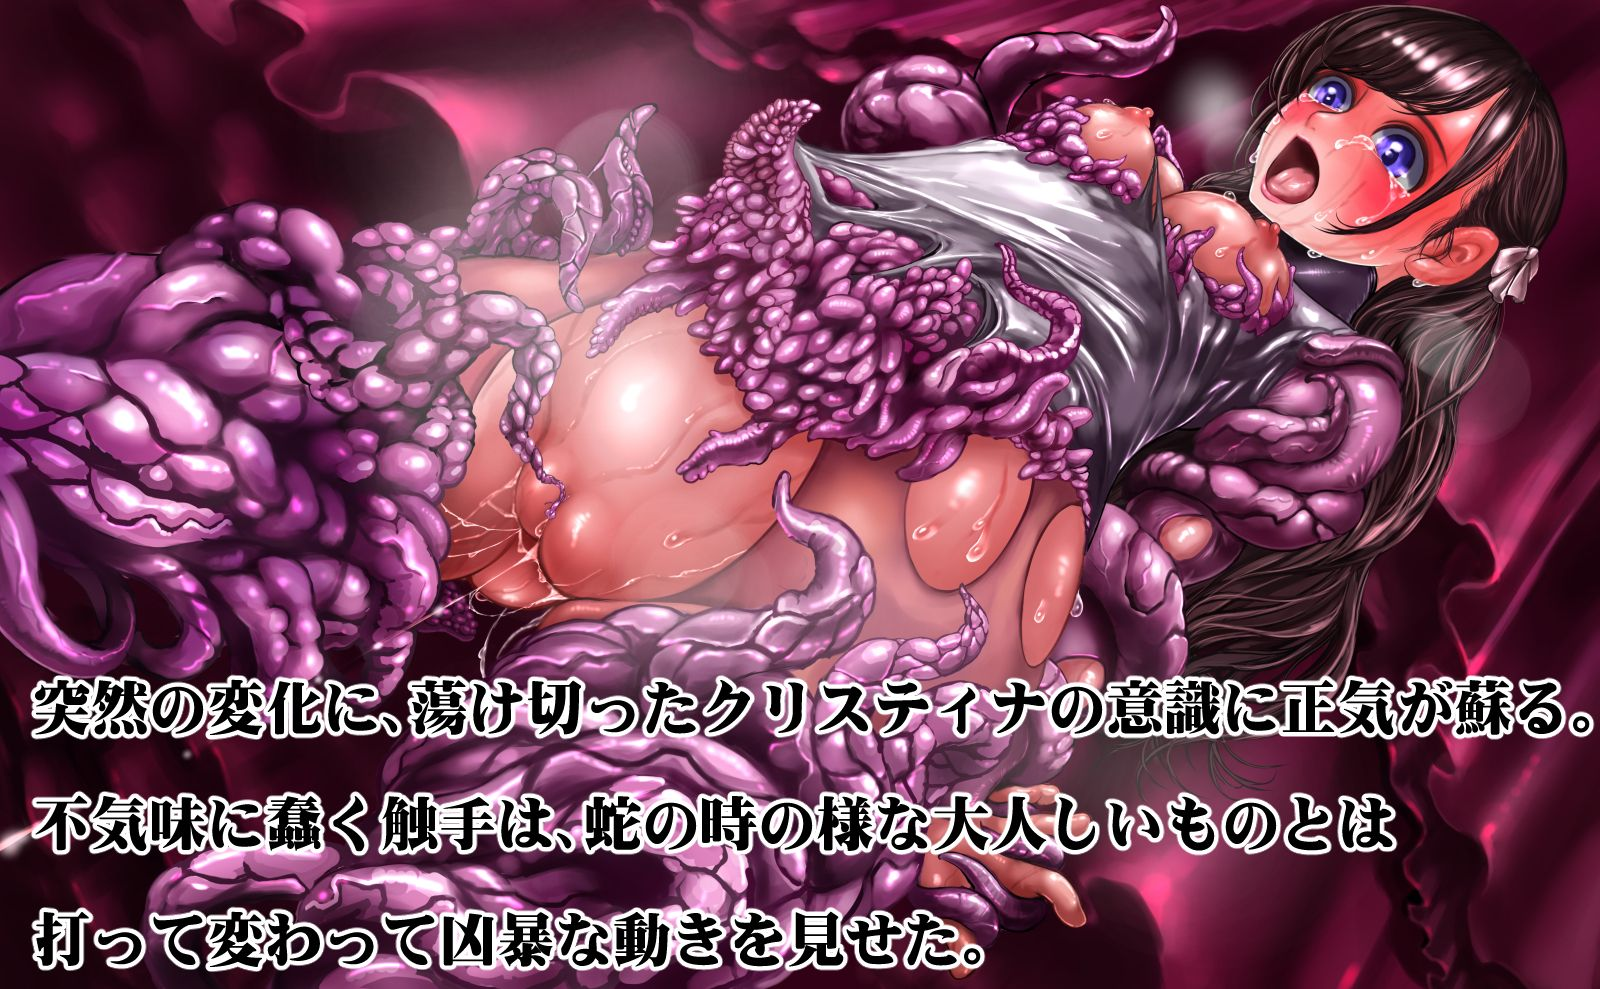 絢爛たる深淵のプロムナード 【作品ネタバレ】